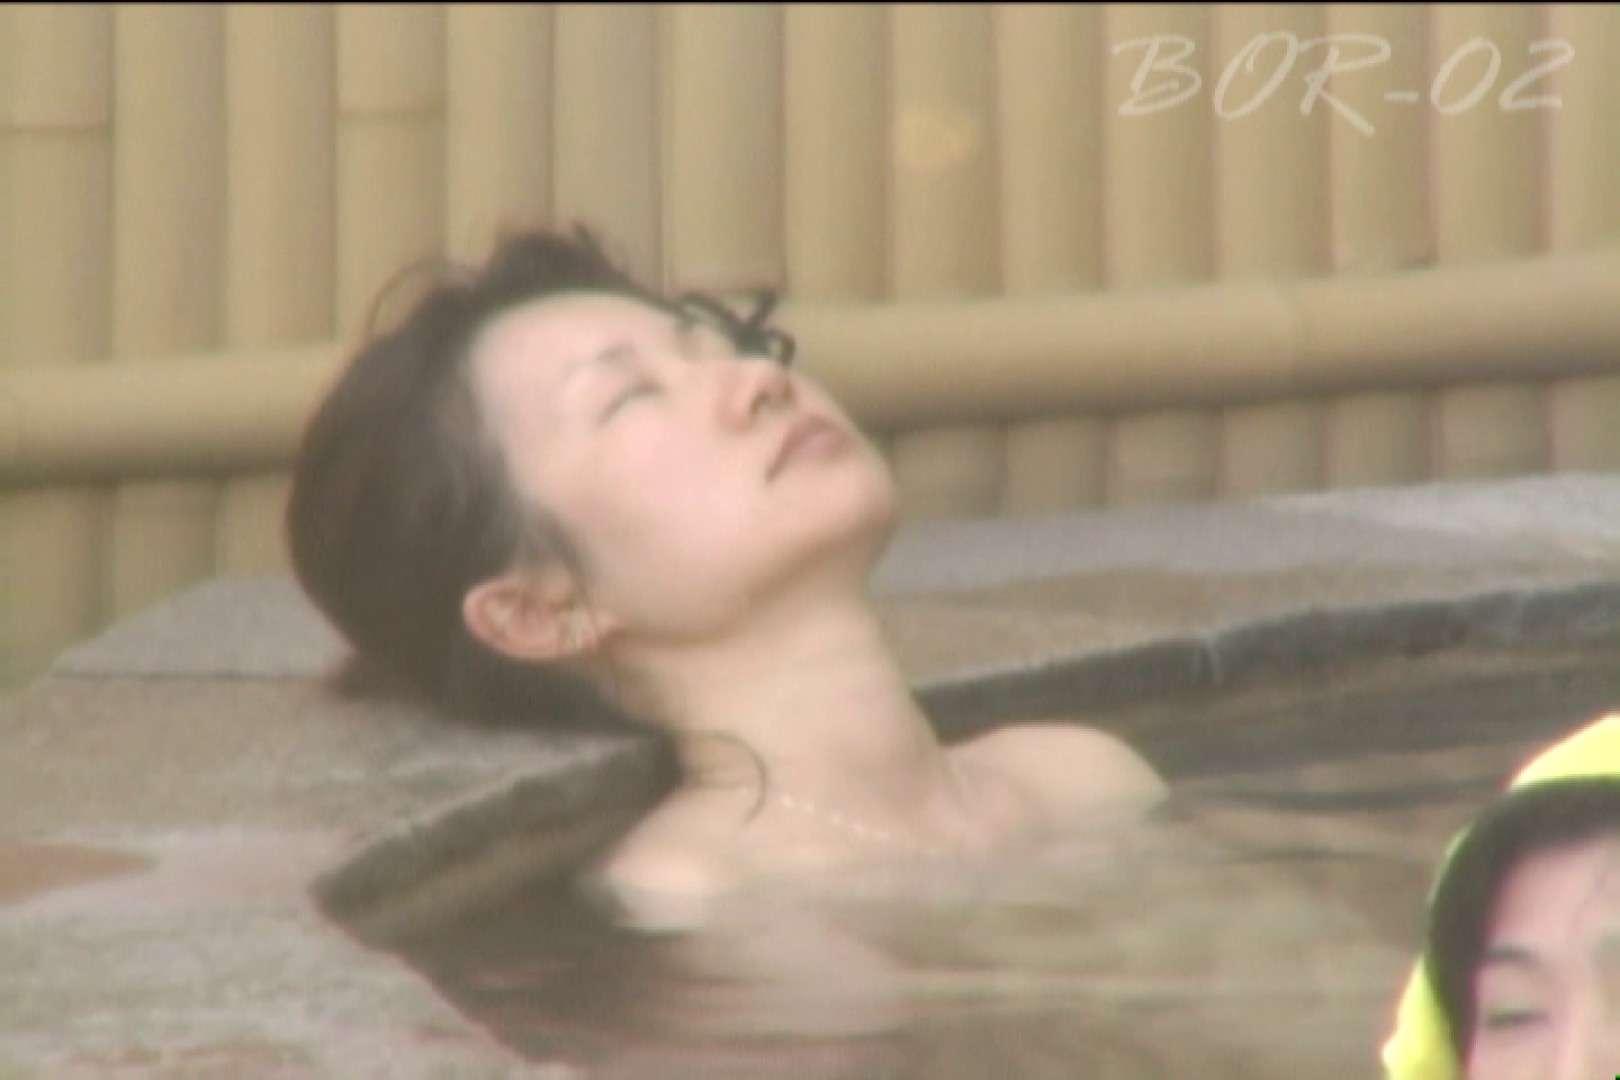 Aquaな露天風呂Vol.477 露天 | 盗撮  86画像 31